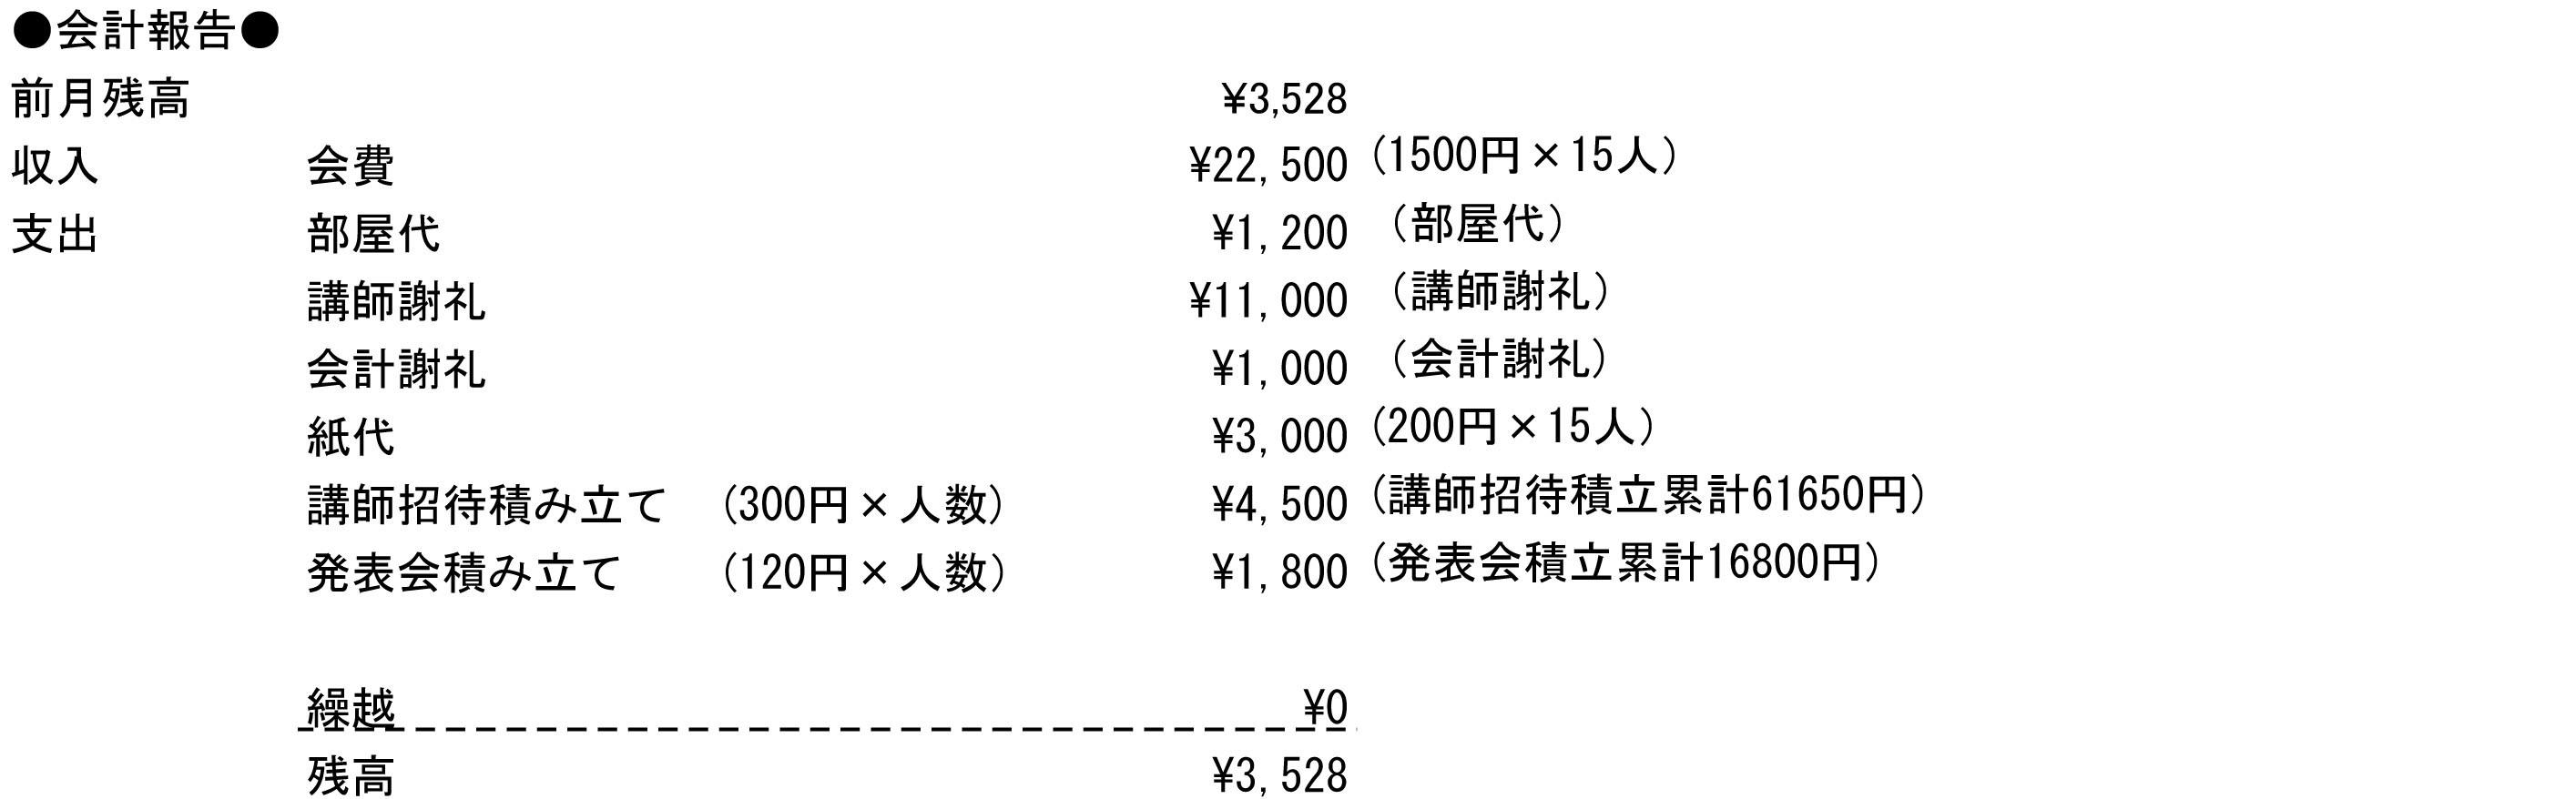 2018年10月分会計報告